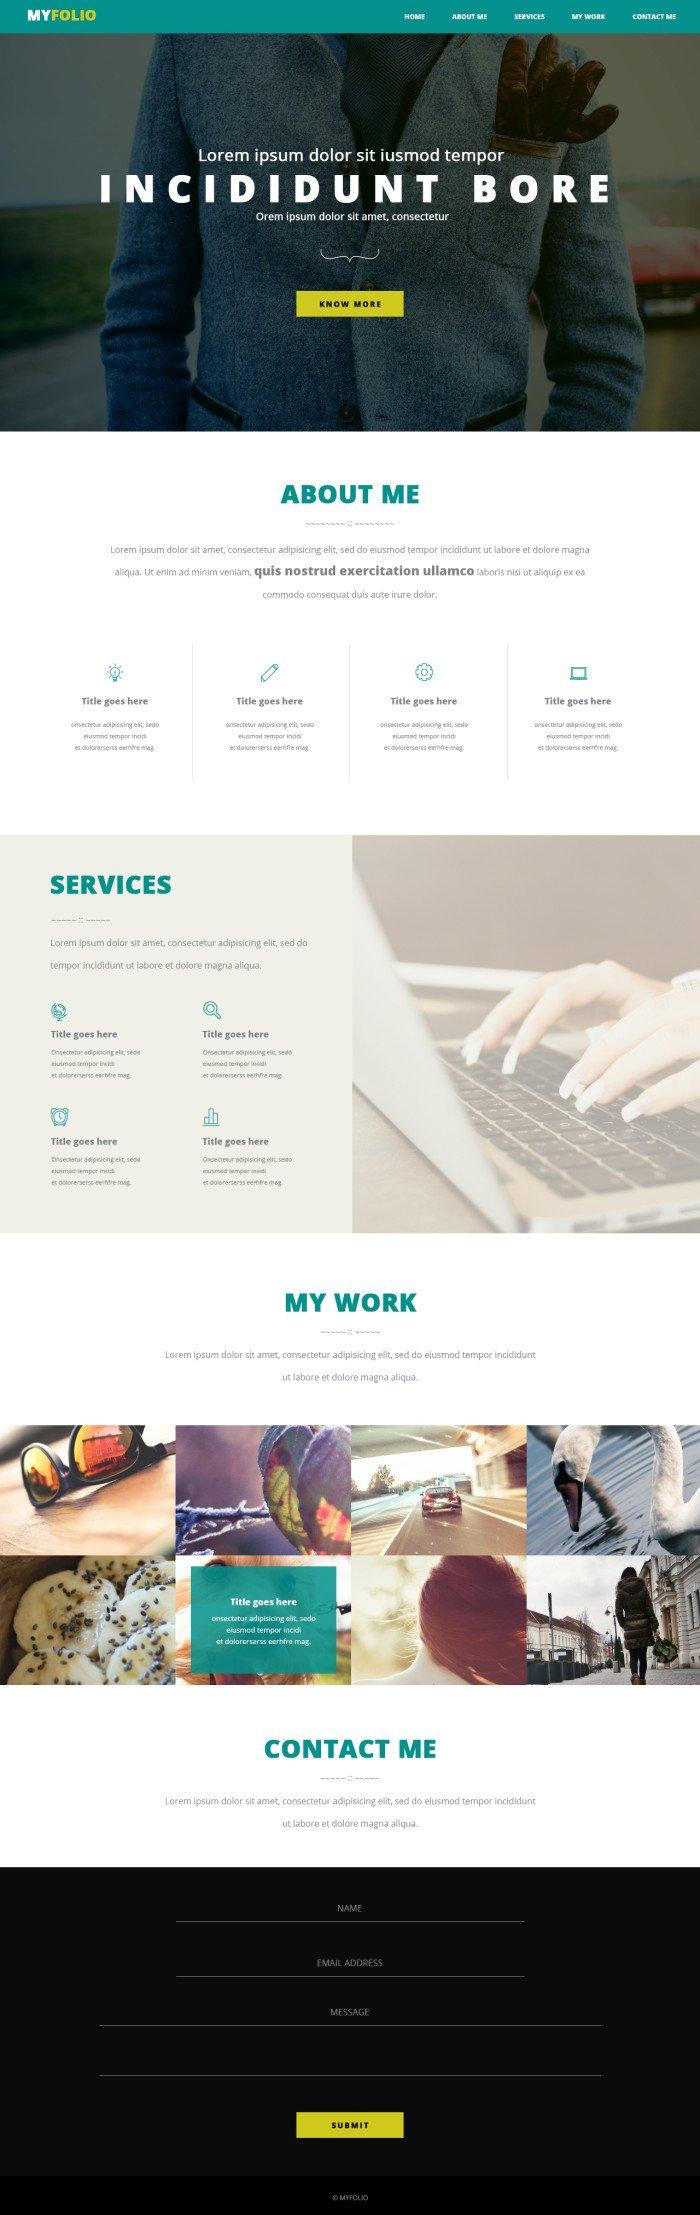 Одностраничный сайт-портфолио (.Psd) скачать бесплатно